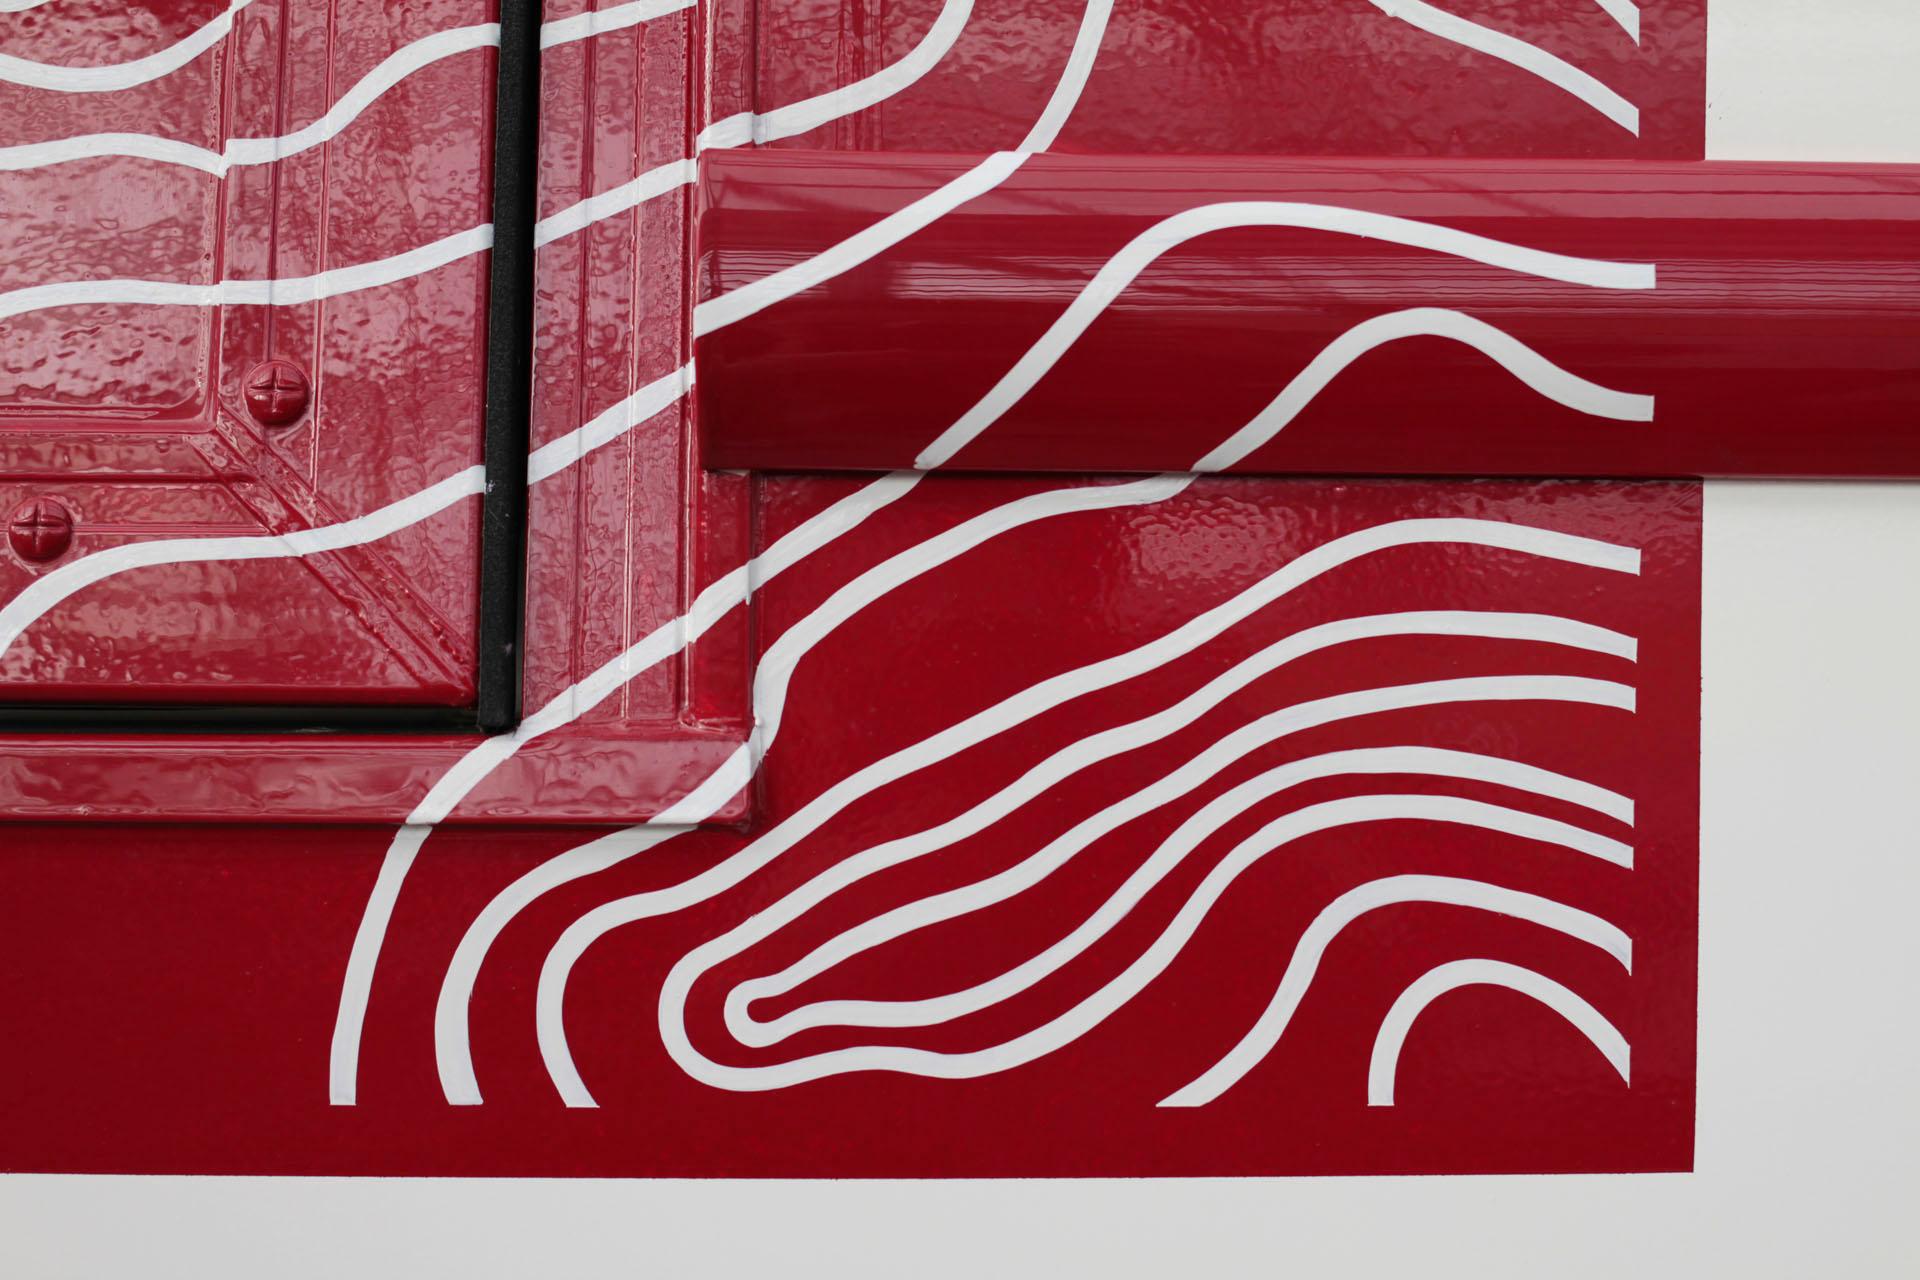 peinture estafette renault direction artisitique maison maj peinture en lettres